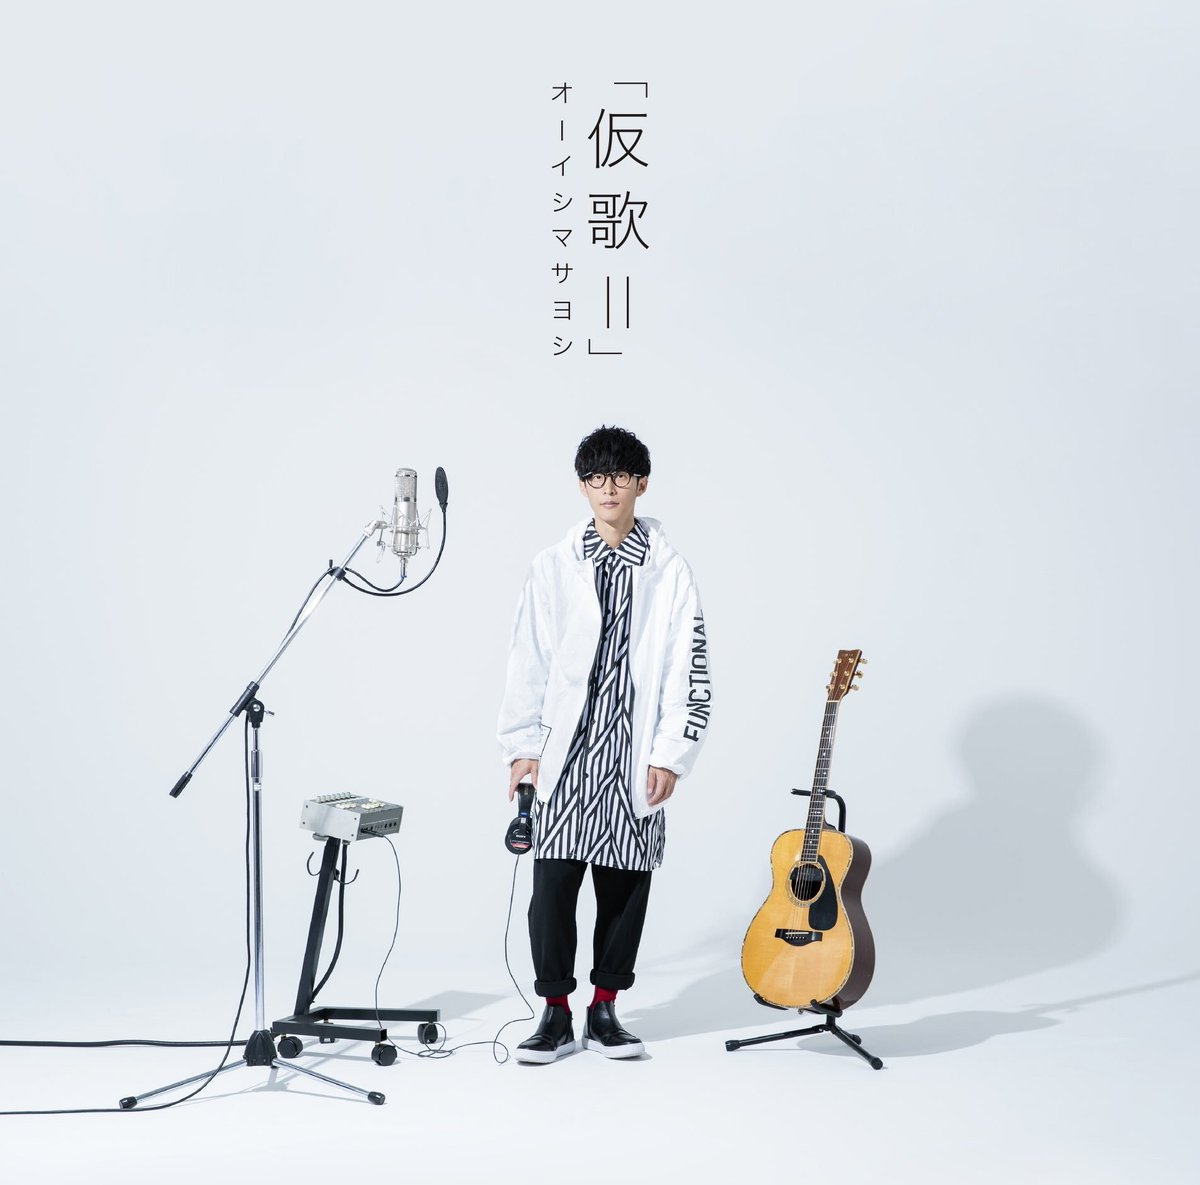 本日6月26日!!!!!!オーイシマサヨシ!!!!「仮歌II」リリース!!!!!